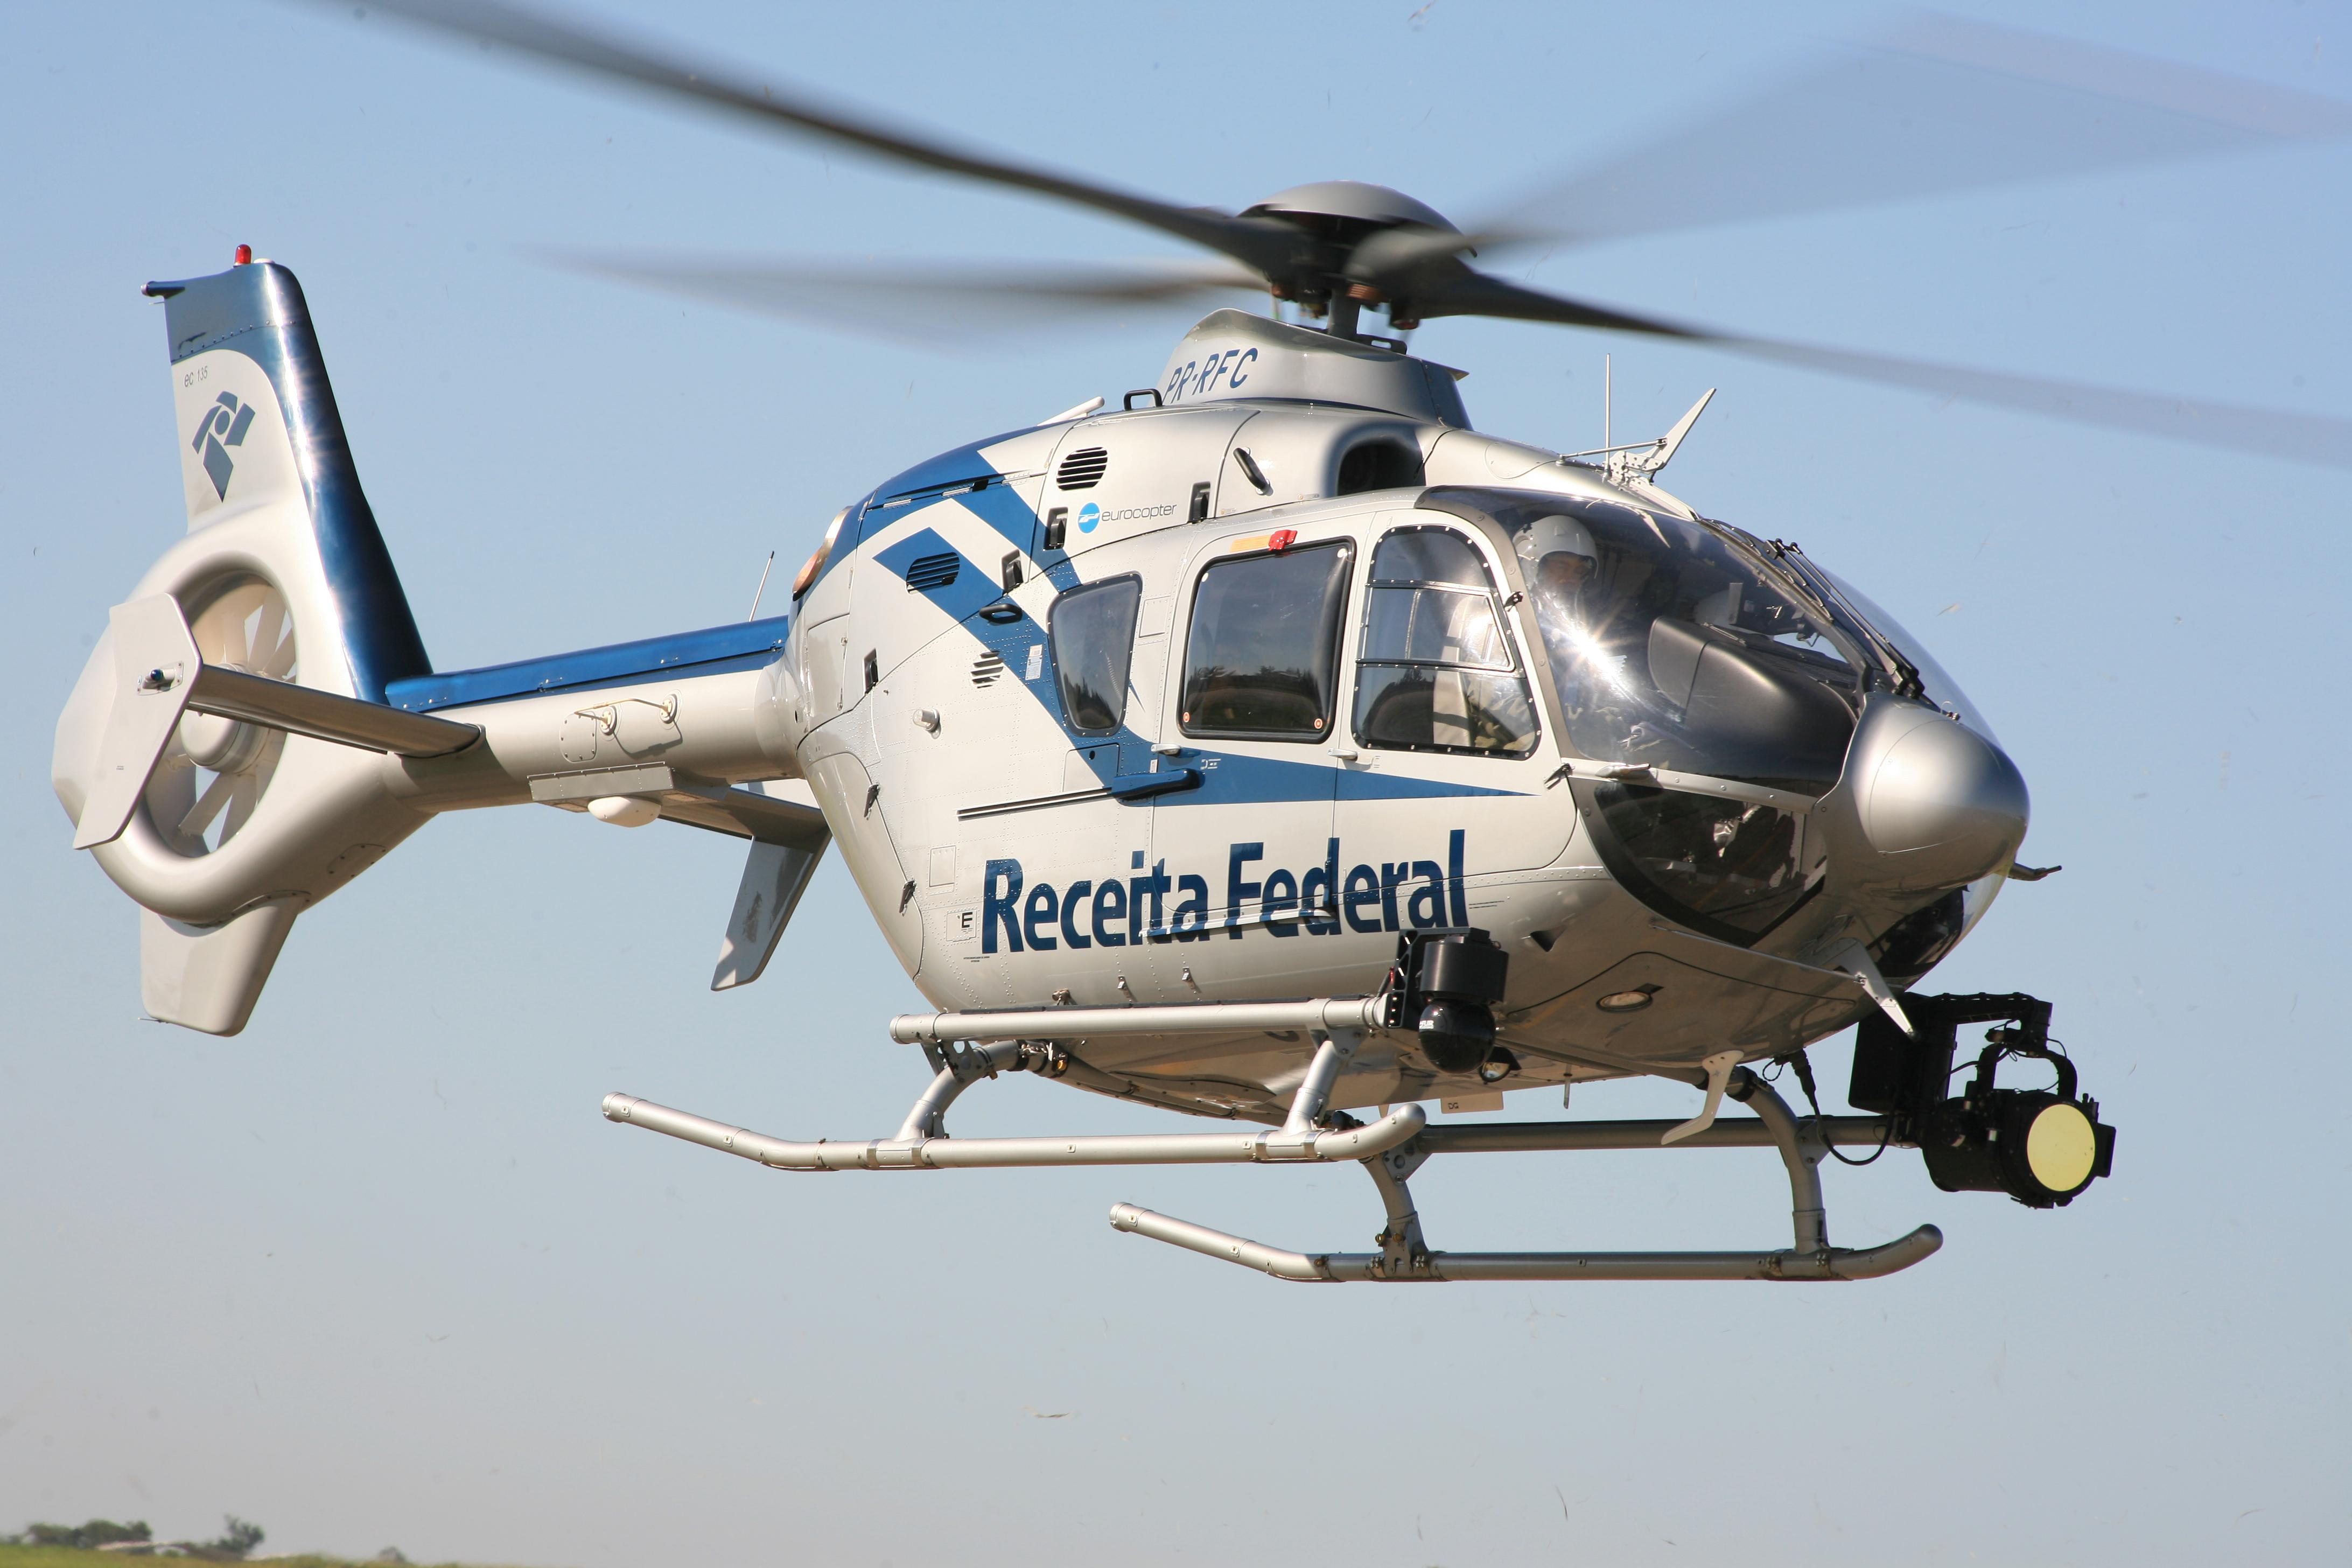 O EC135 T2+ ampliou a eficácia da Receita Federal na região de fronteira do Brasil com Paraguai e Argentina. (Imagem: Helibras)